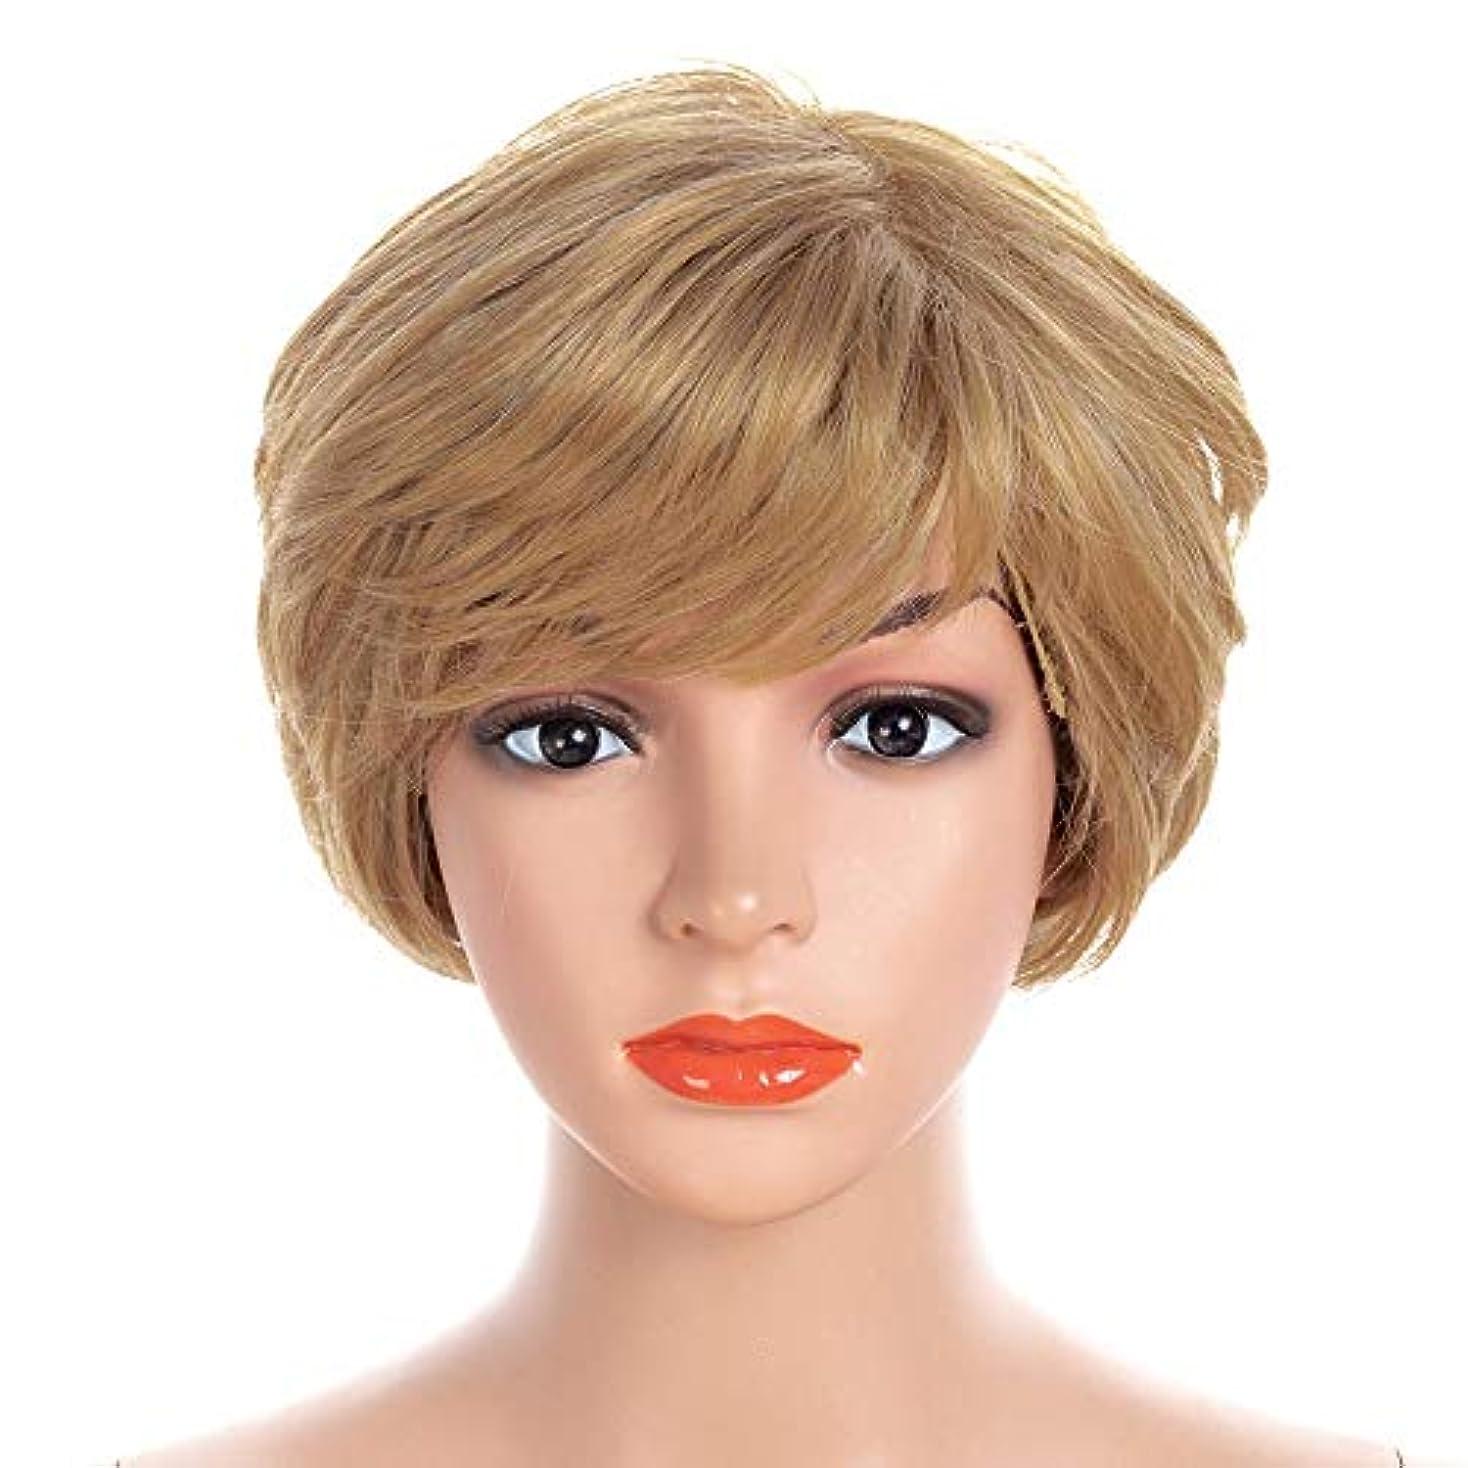 漏れとても多くの中庭YOUQIU 無料ヘアーネットコスプレパーティードレスウィッグでは人工毛ボブショートカーリーブロンド髪 (色 : Blonde, サイズ : 30cm)